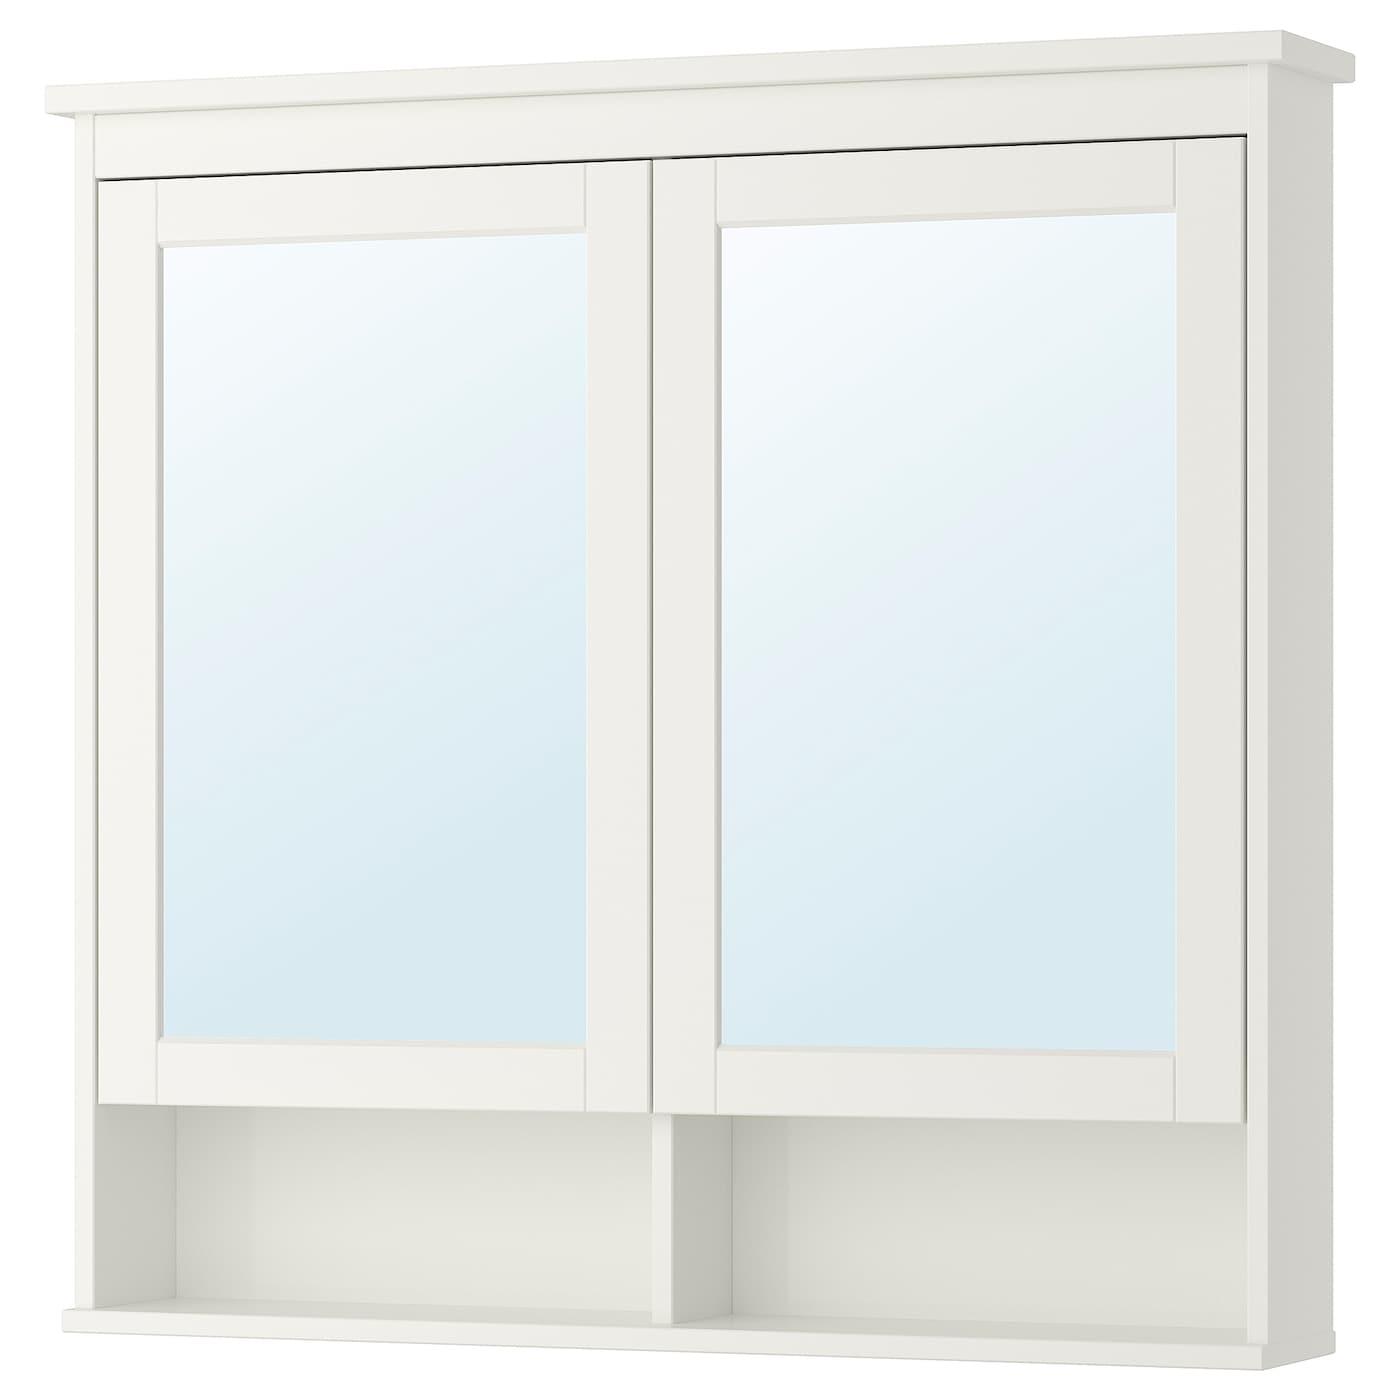 HEMNES Spiegelschrank 20 Türen   weiß 20x20x20 cm